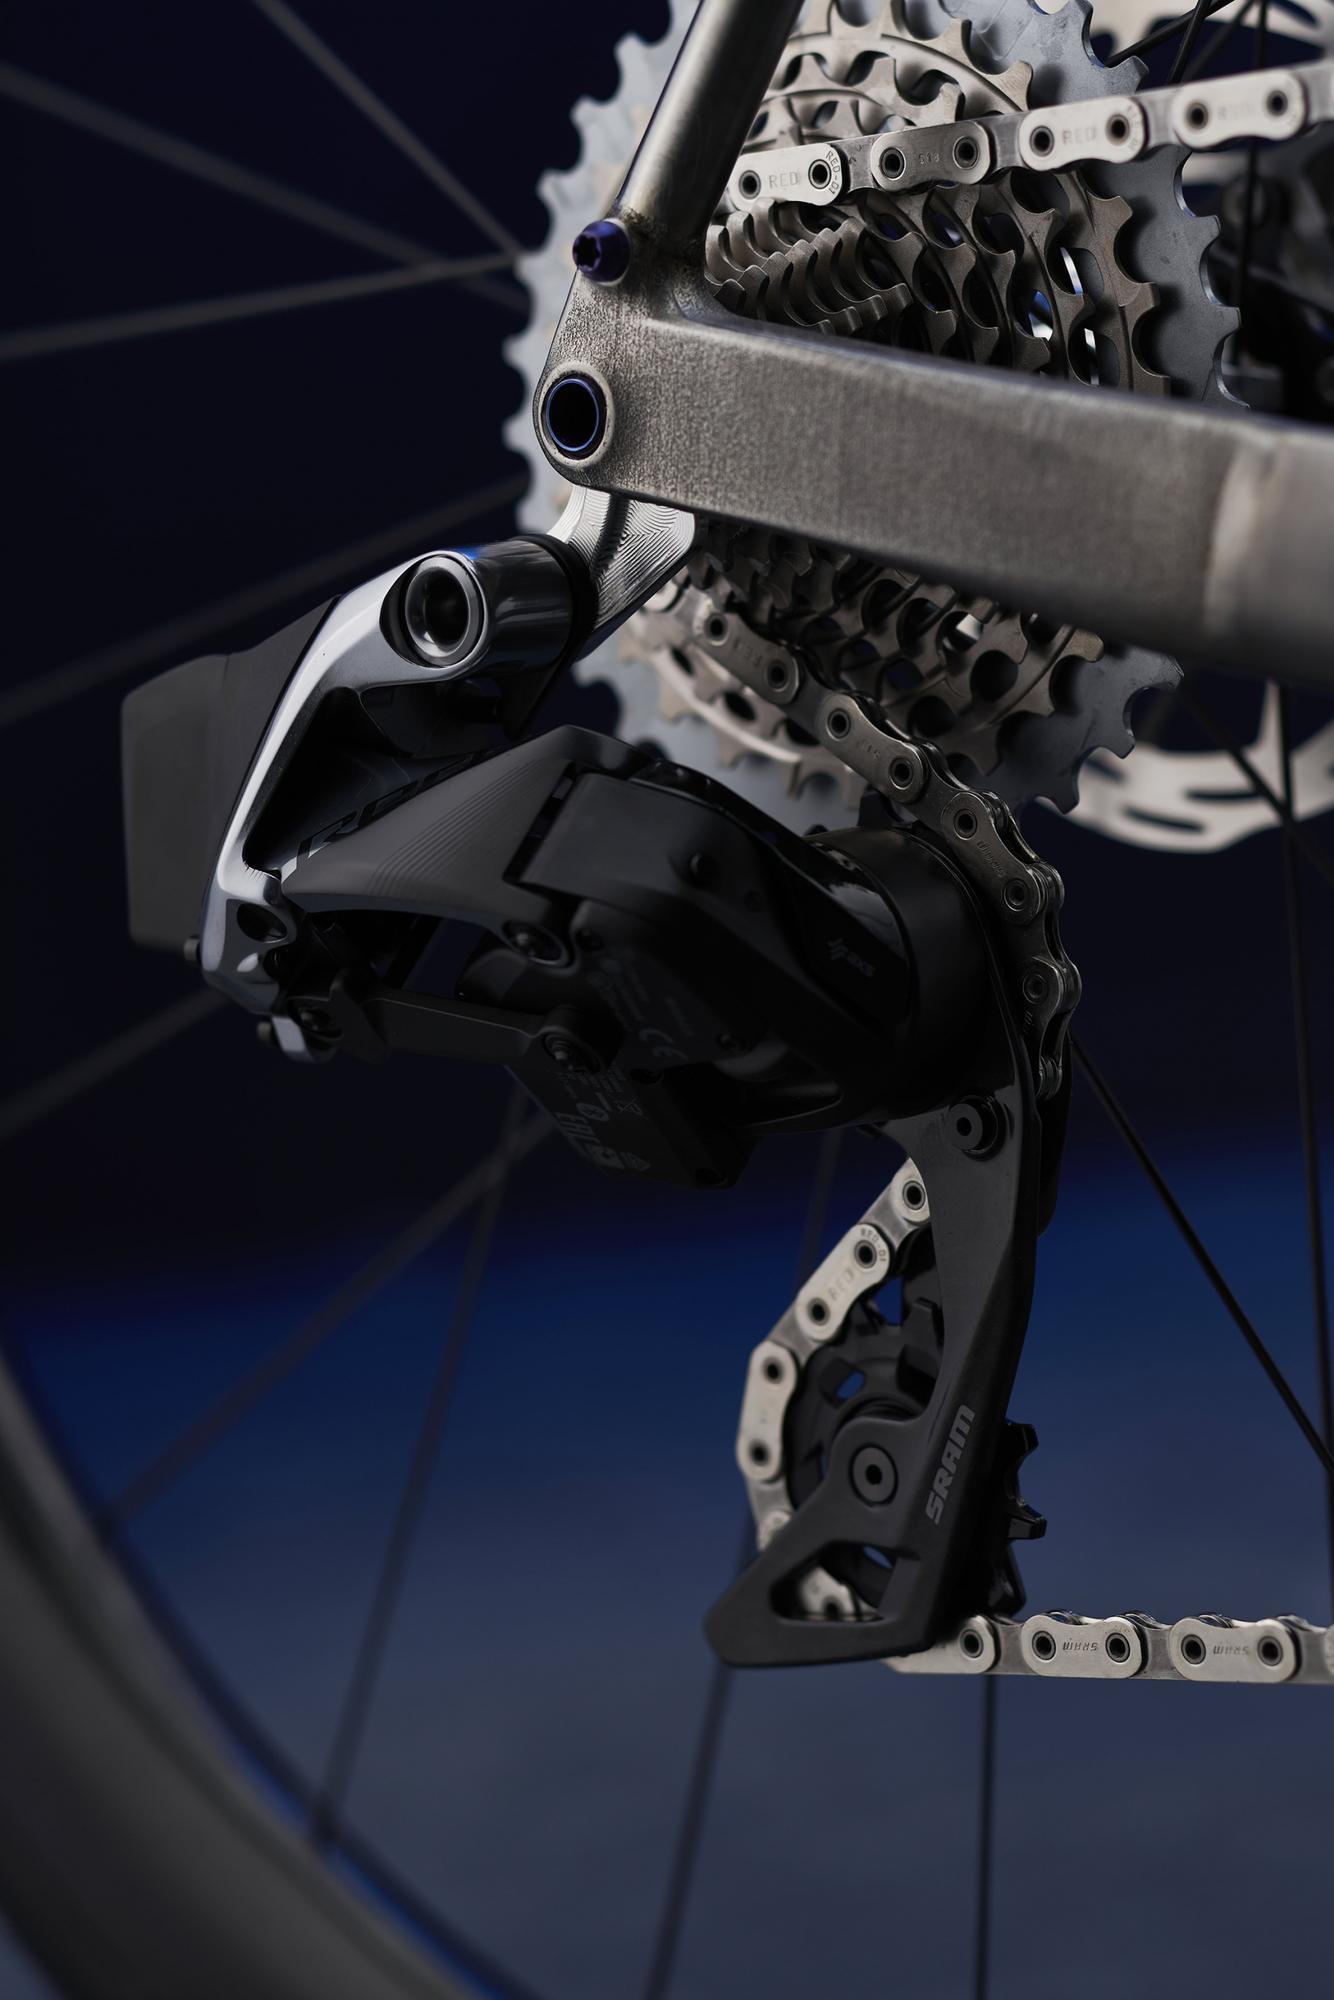 Sturdy Cycles 'Fiadh' Disc All-Road